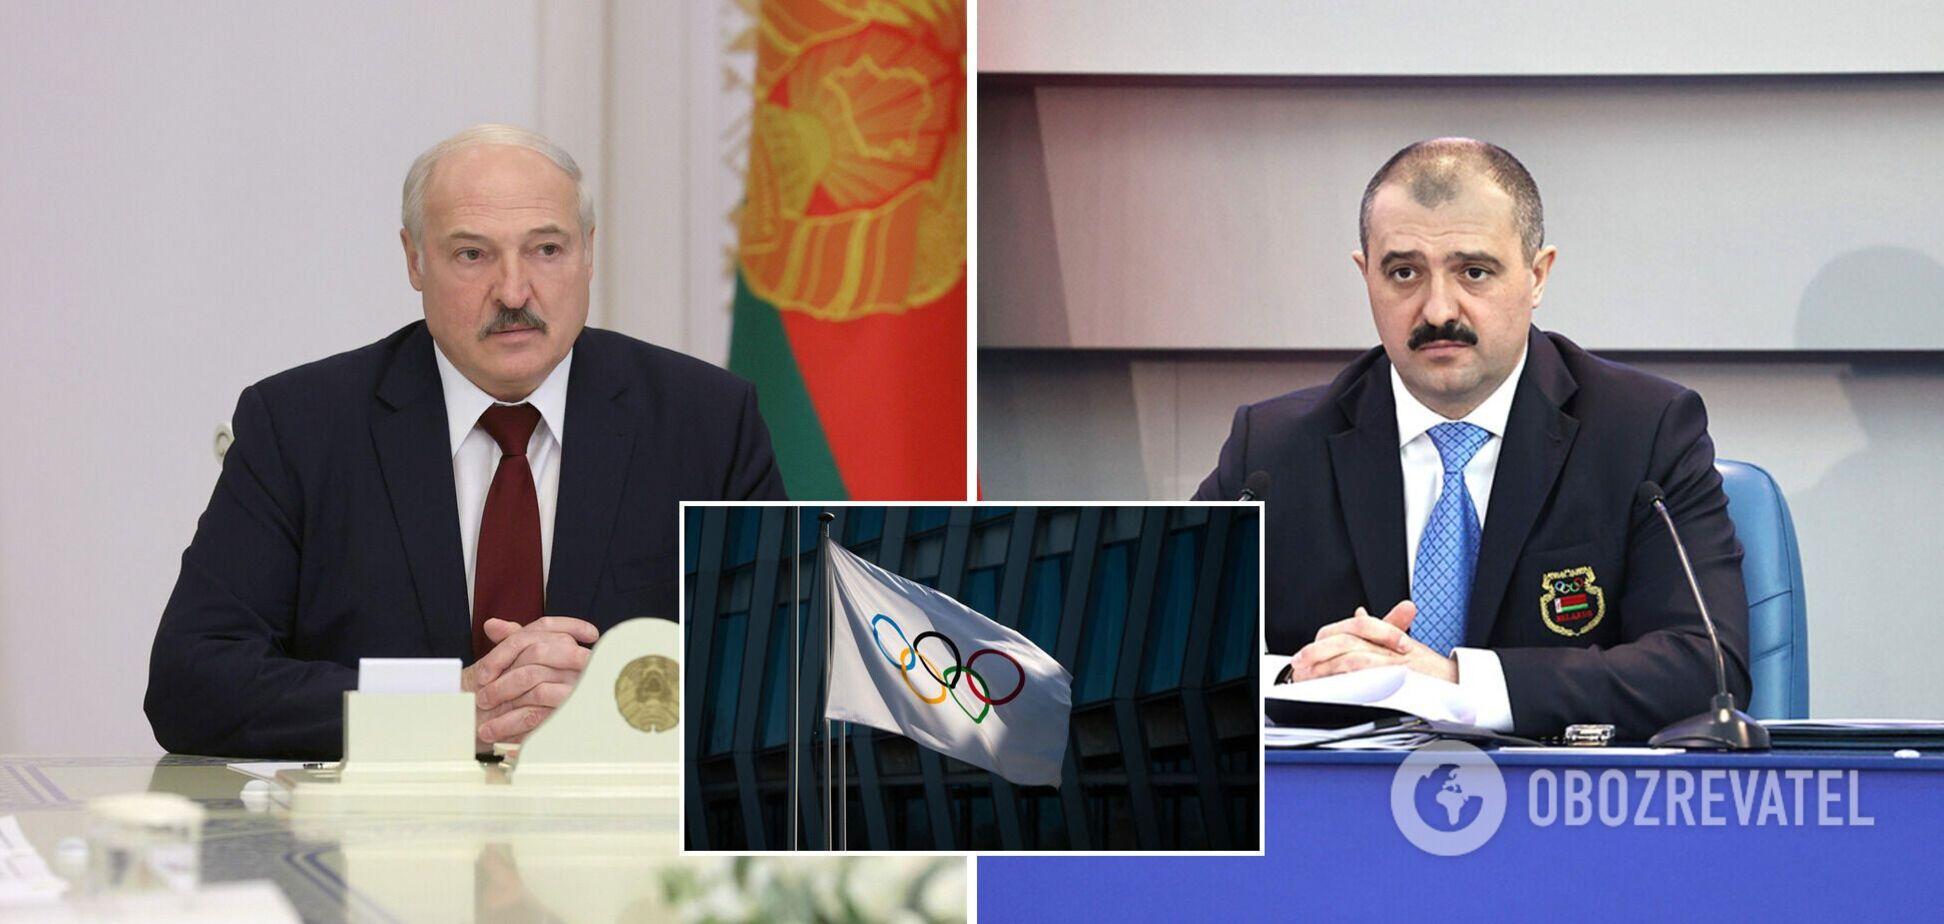 Новую должность сына Лукашенко отказались признать в МОК